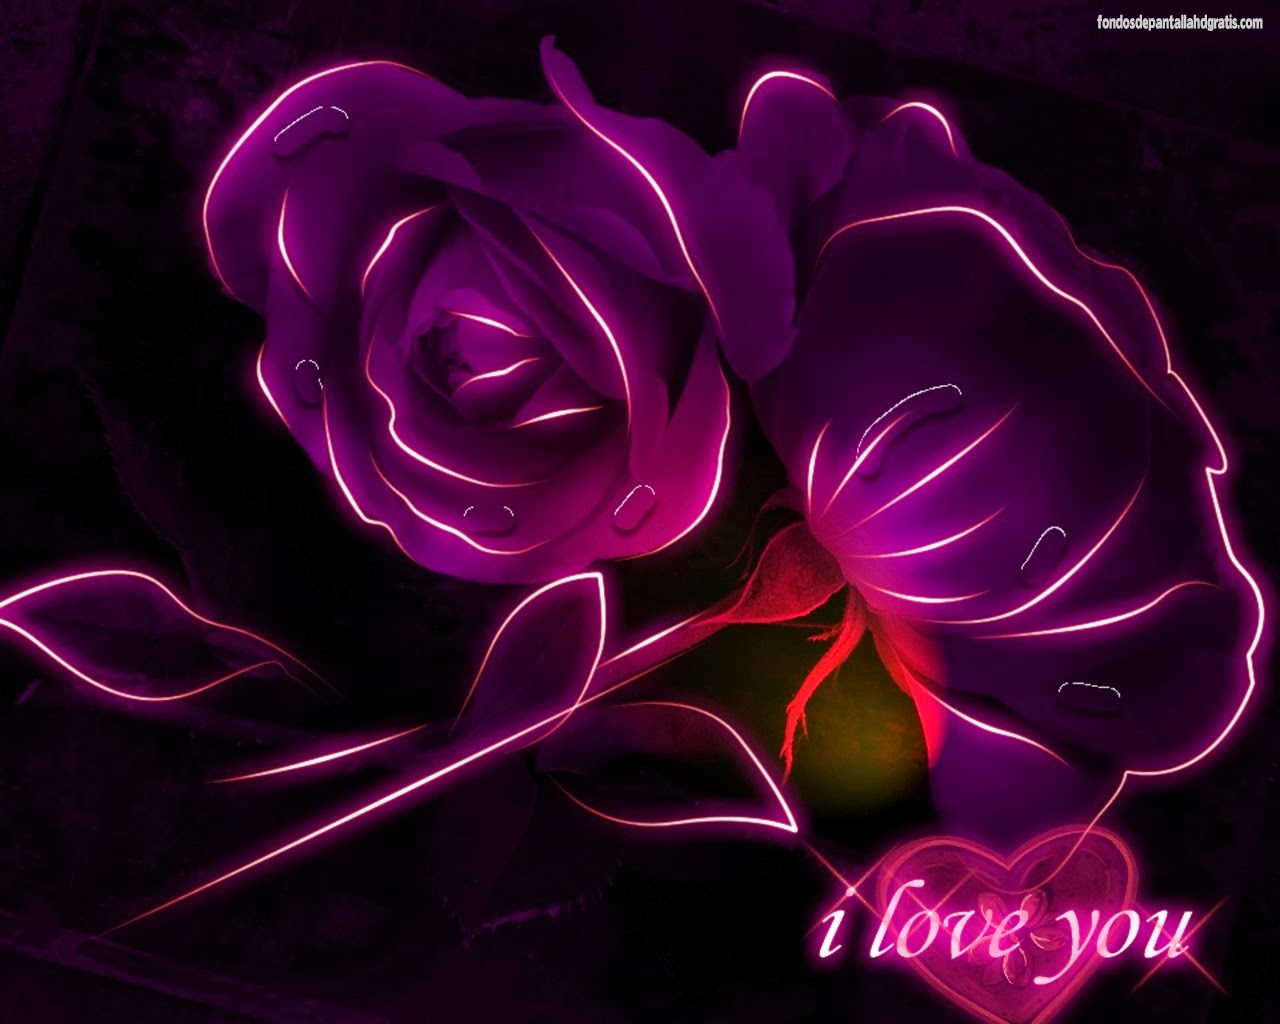 Fotos de amor gratis para celulares